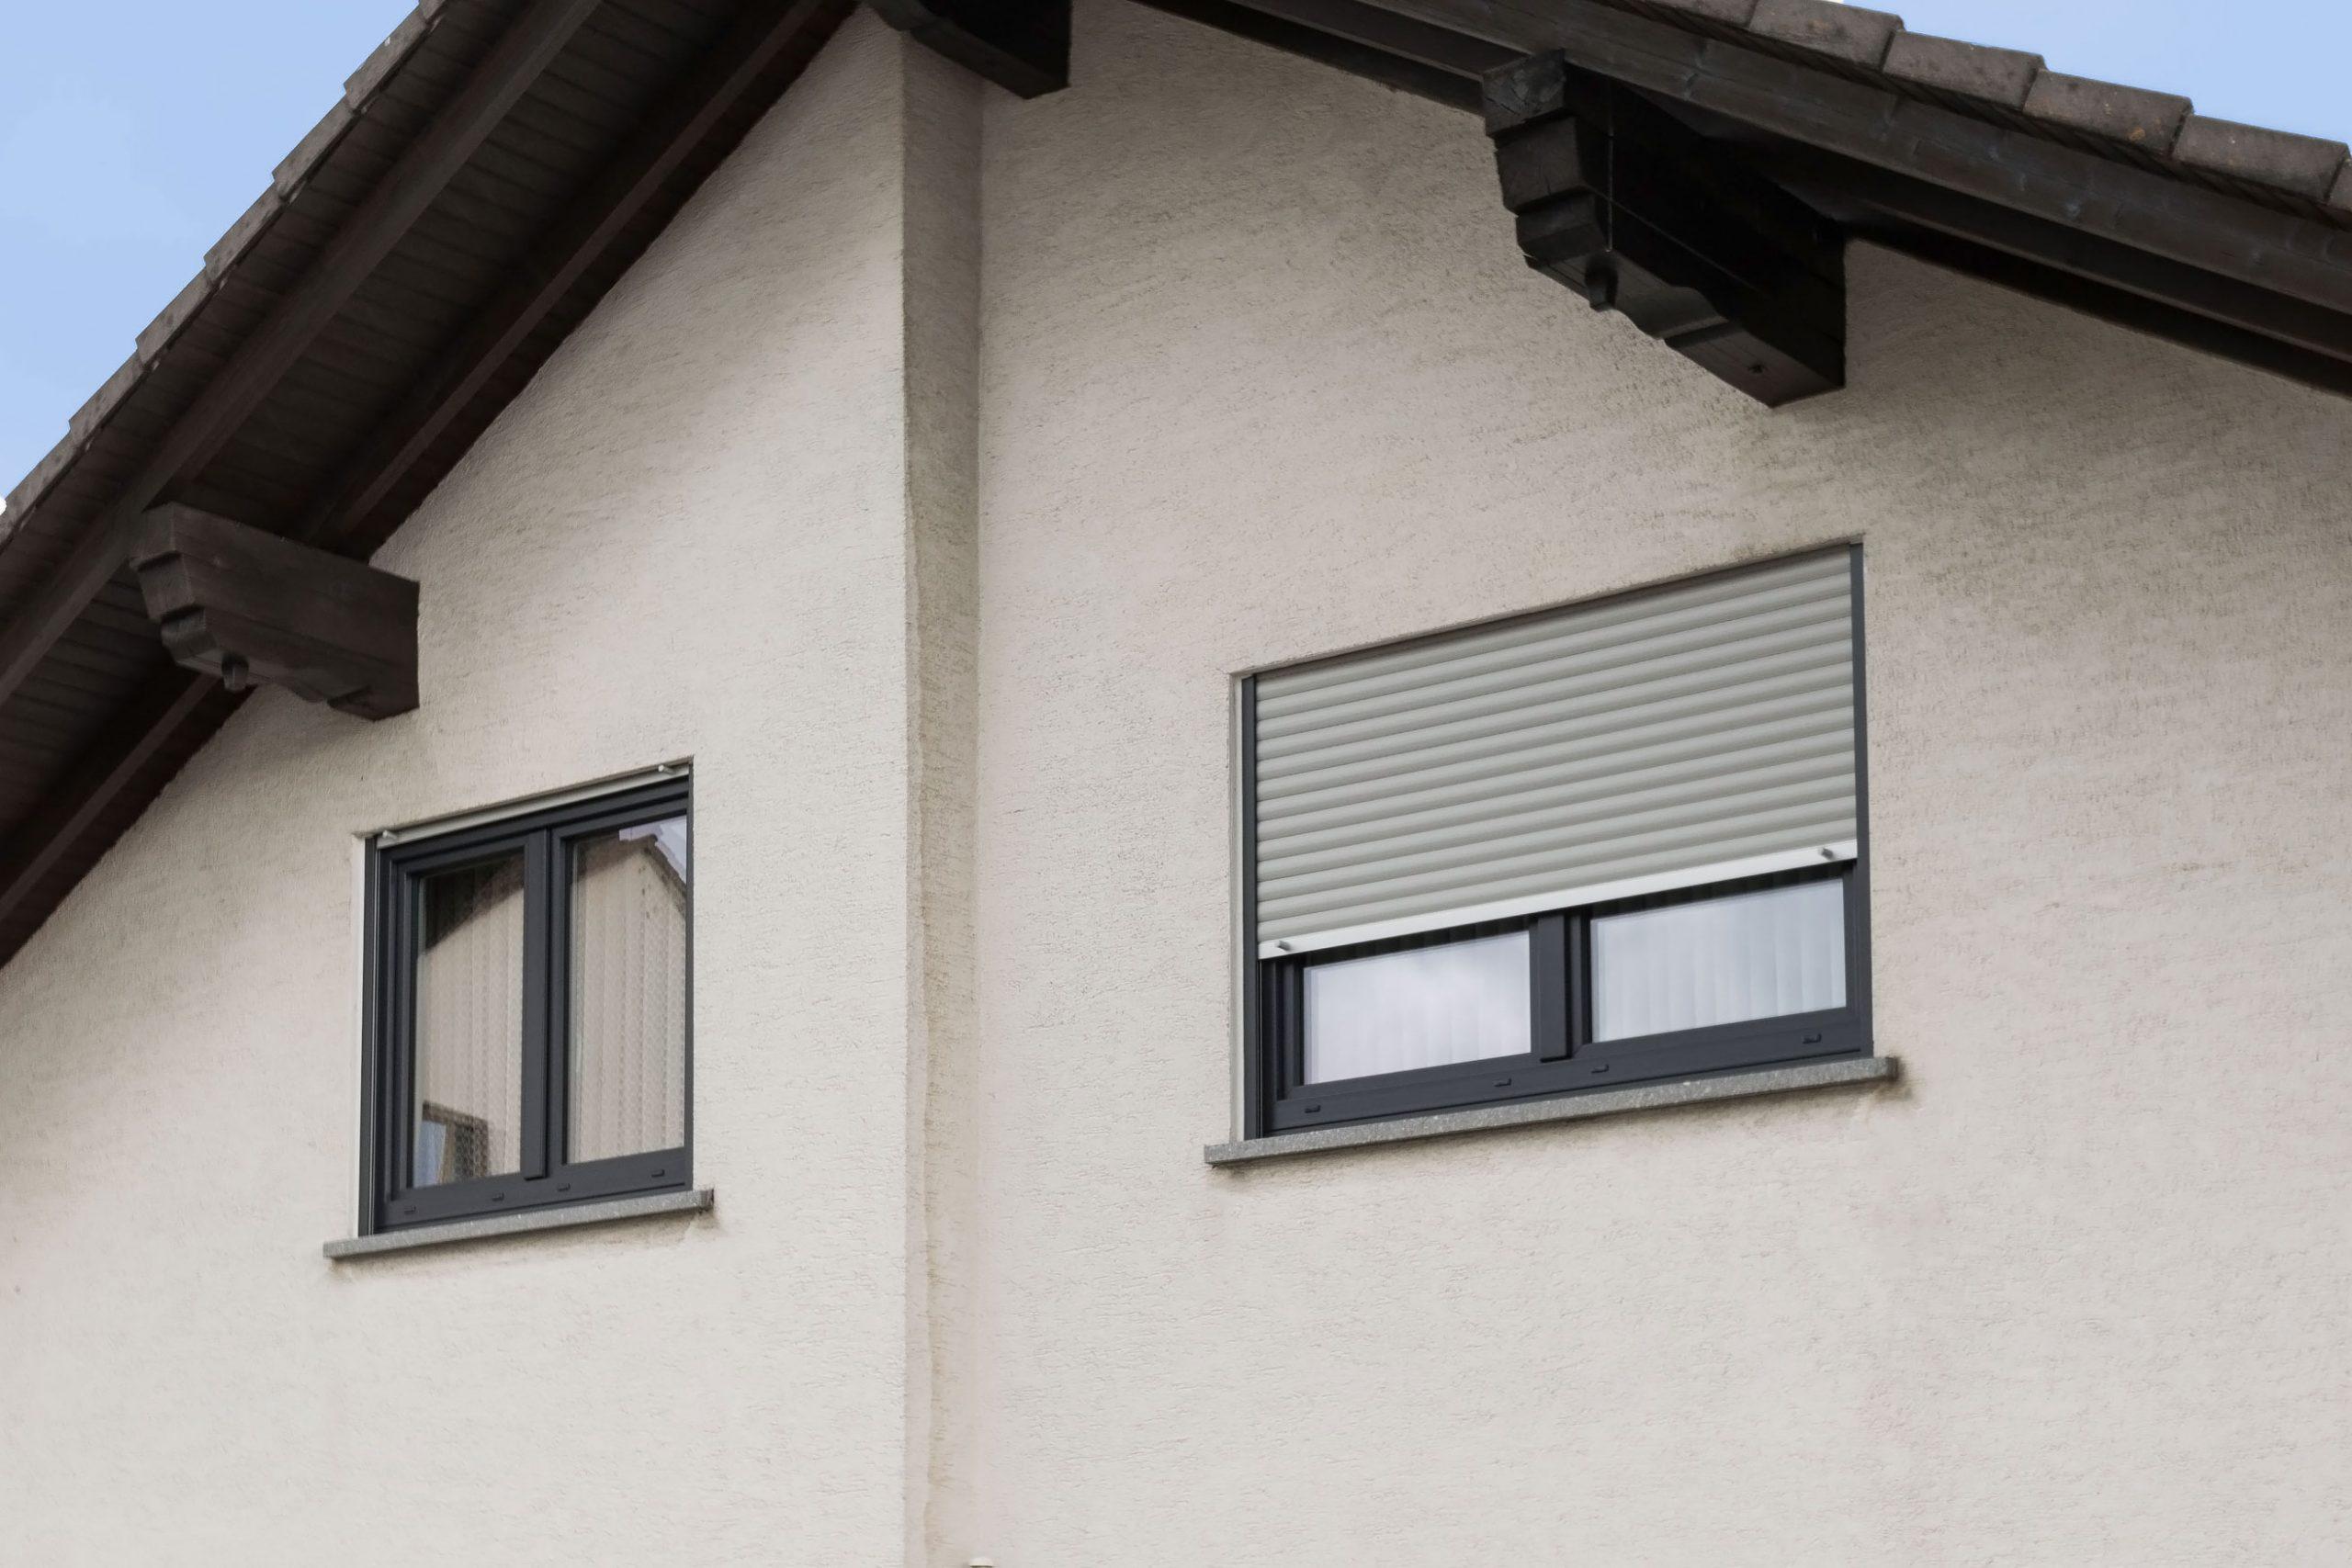 Full Size of Kunststoff Fenster Auen Anthrazit Schreinerei Pracht Rostock Schüco Kaufen Weihnachtsbeleuchtung Sichtschutzfolie Einseitig Durchsichtig Sichtschutz Fenster Fenster Anthrazit